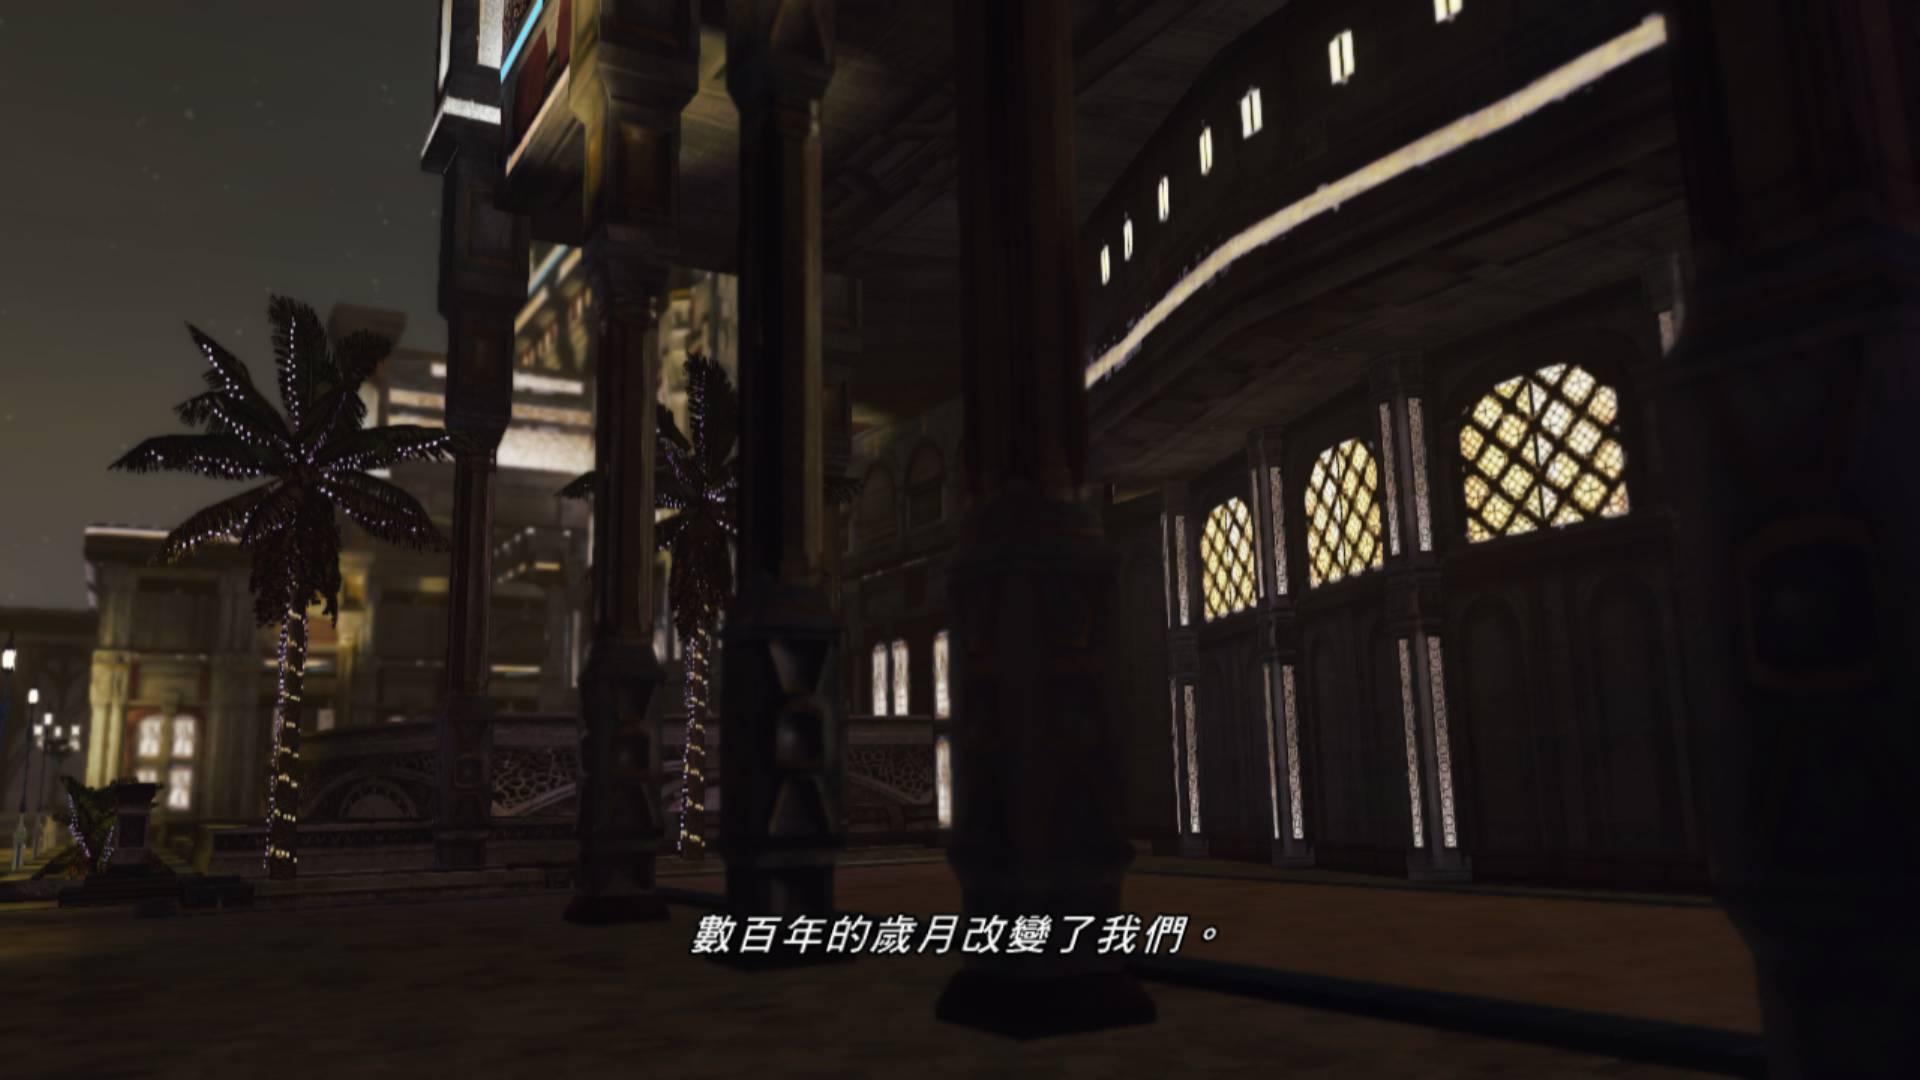 最终幻想13-3/LIGHTNING RETURNS: FINAL FANTASY XIII/最终幻想13:雷霆归来插图5